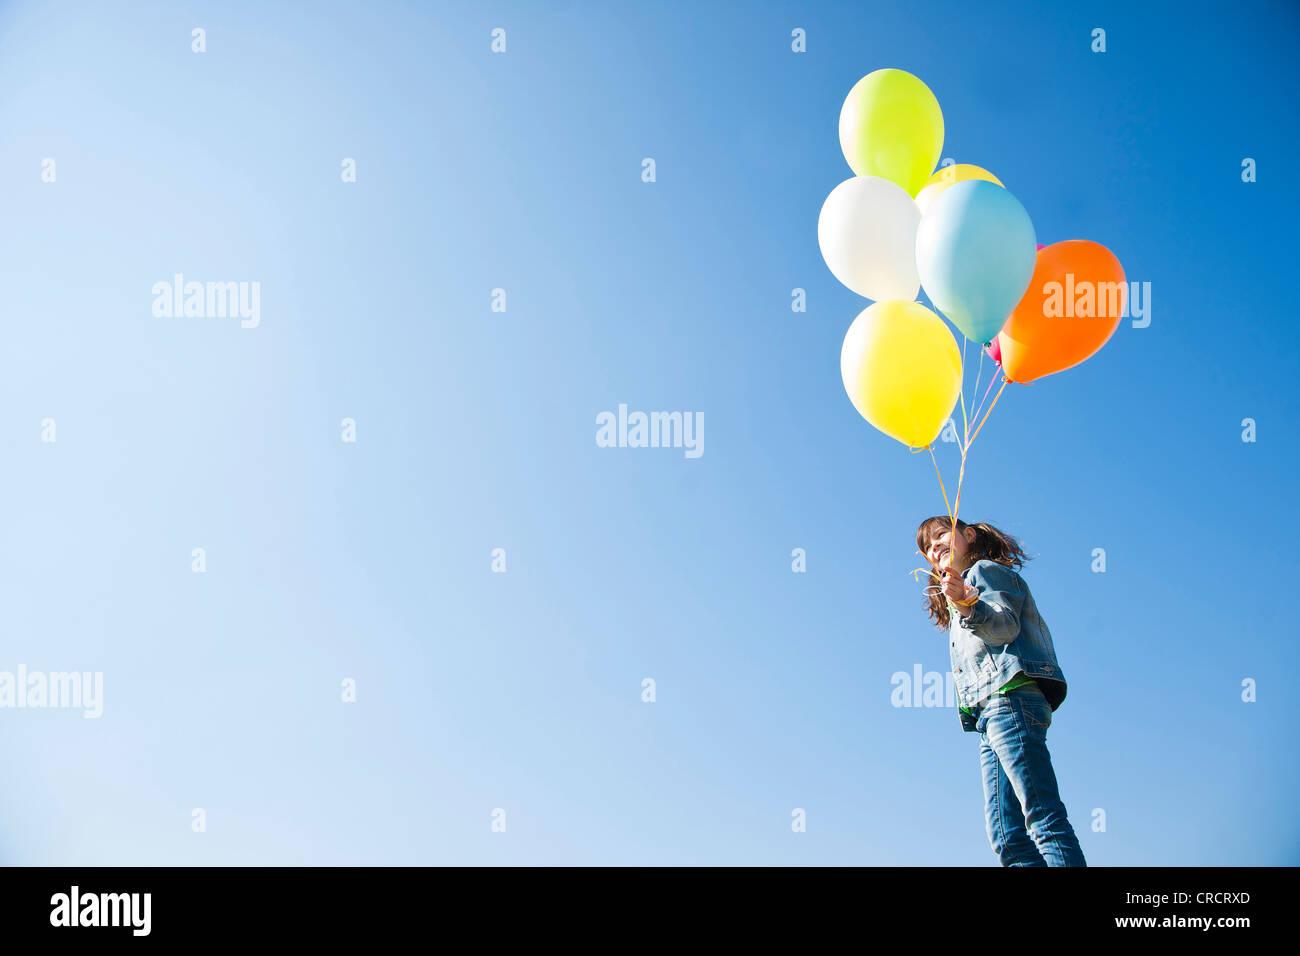 Chica con globos permanente bajo un cielo azul Imagen De Stock